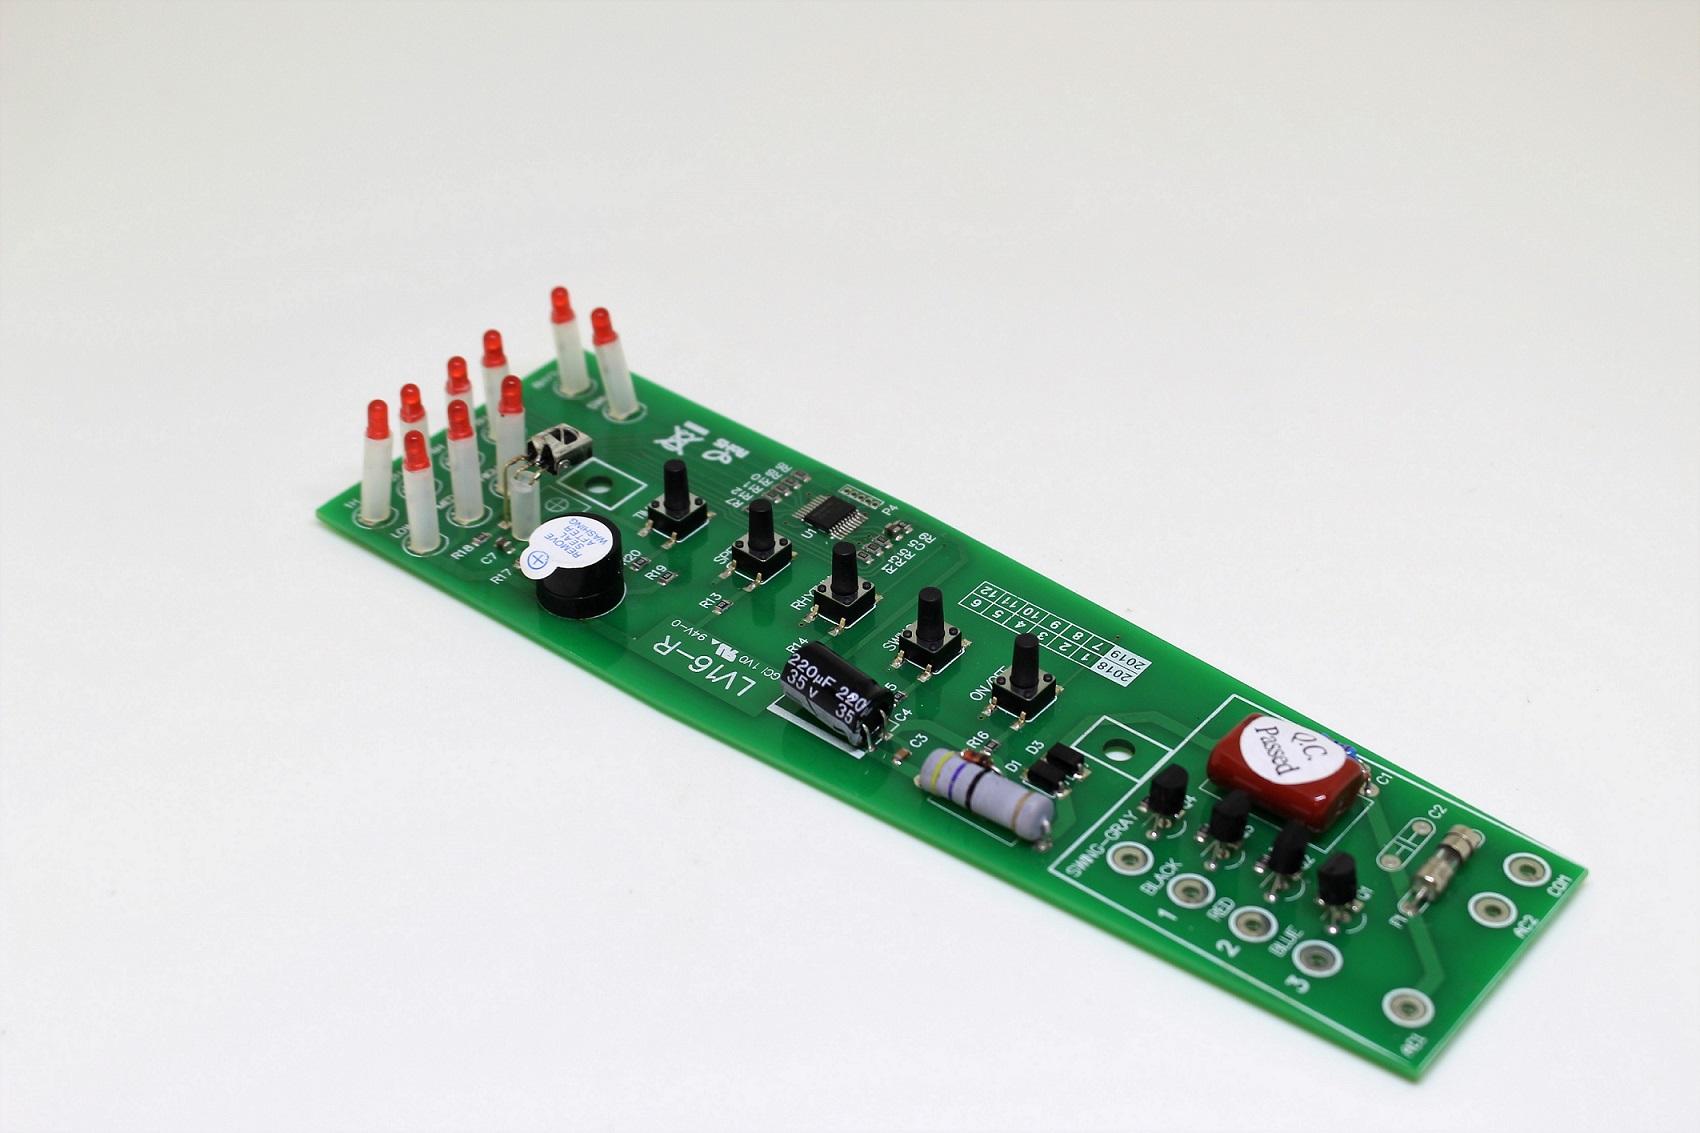 Mạch điều khiển cho quạt cây mitsu LV16 RR RT RS D00-203